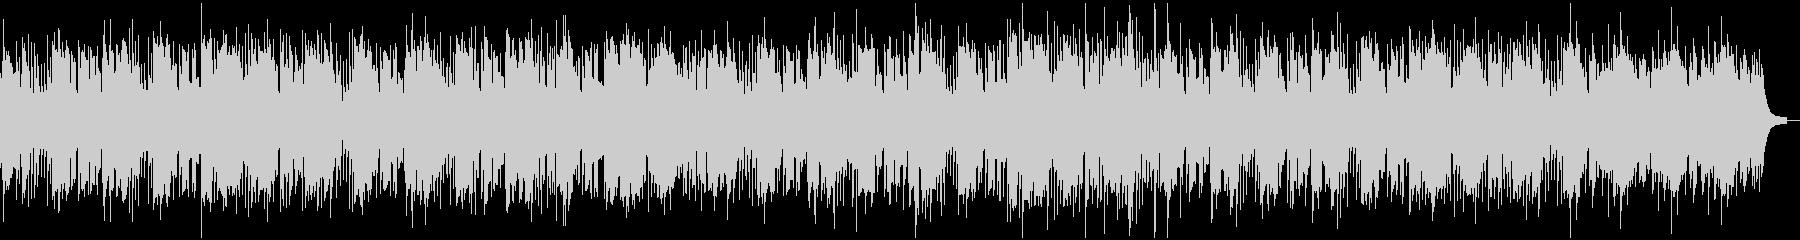 シンプルなピアノデュオ・カクテルジャズの未再生の波形